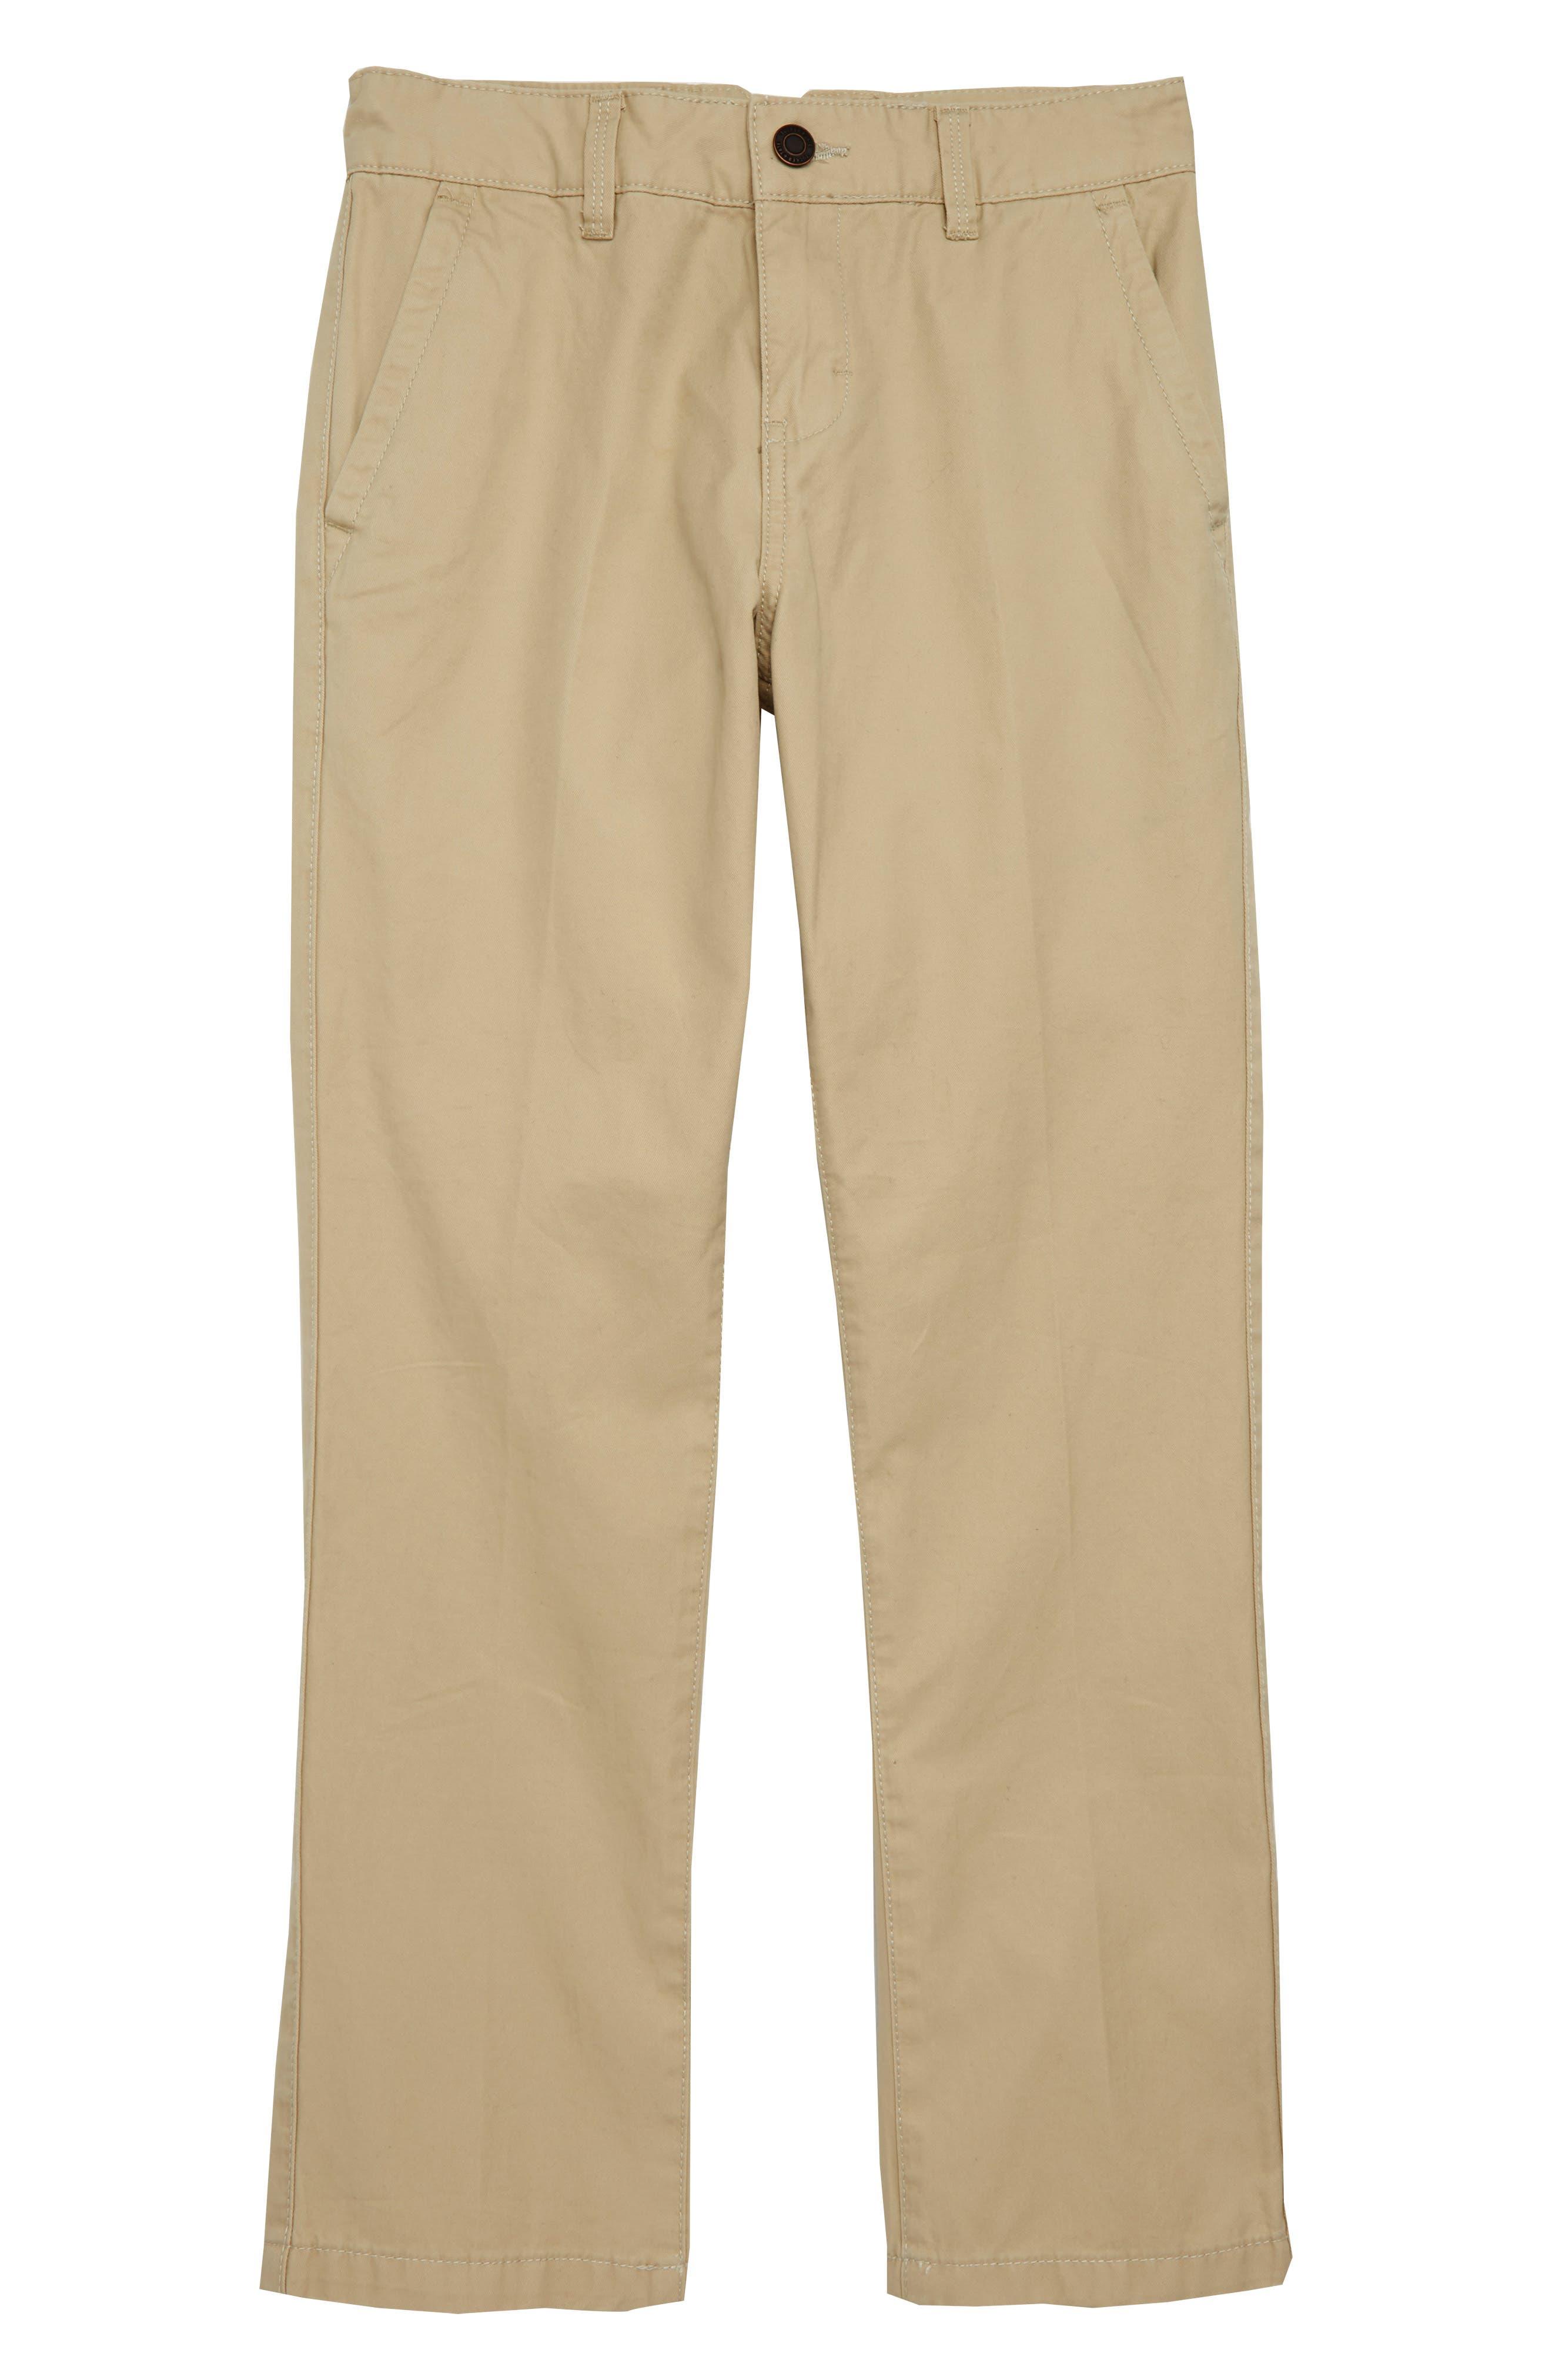 Chino Pants, Main, color, 238